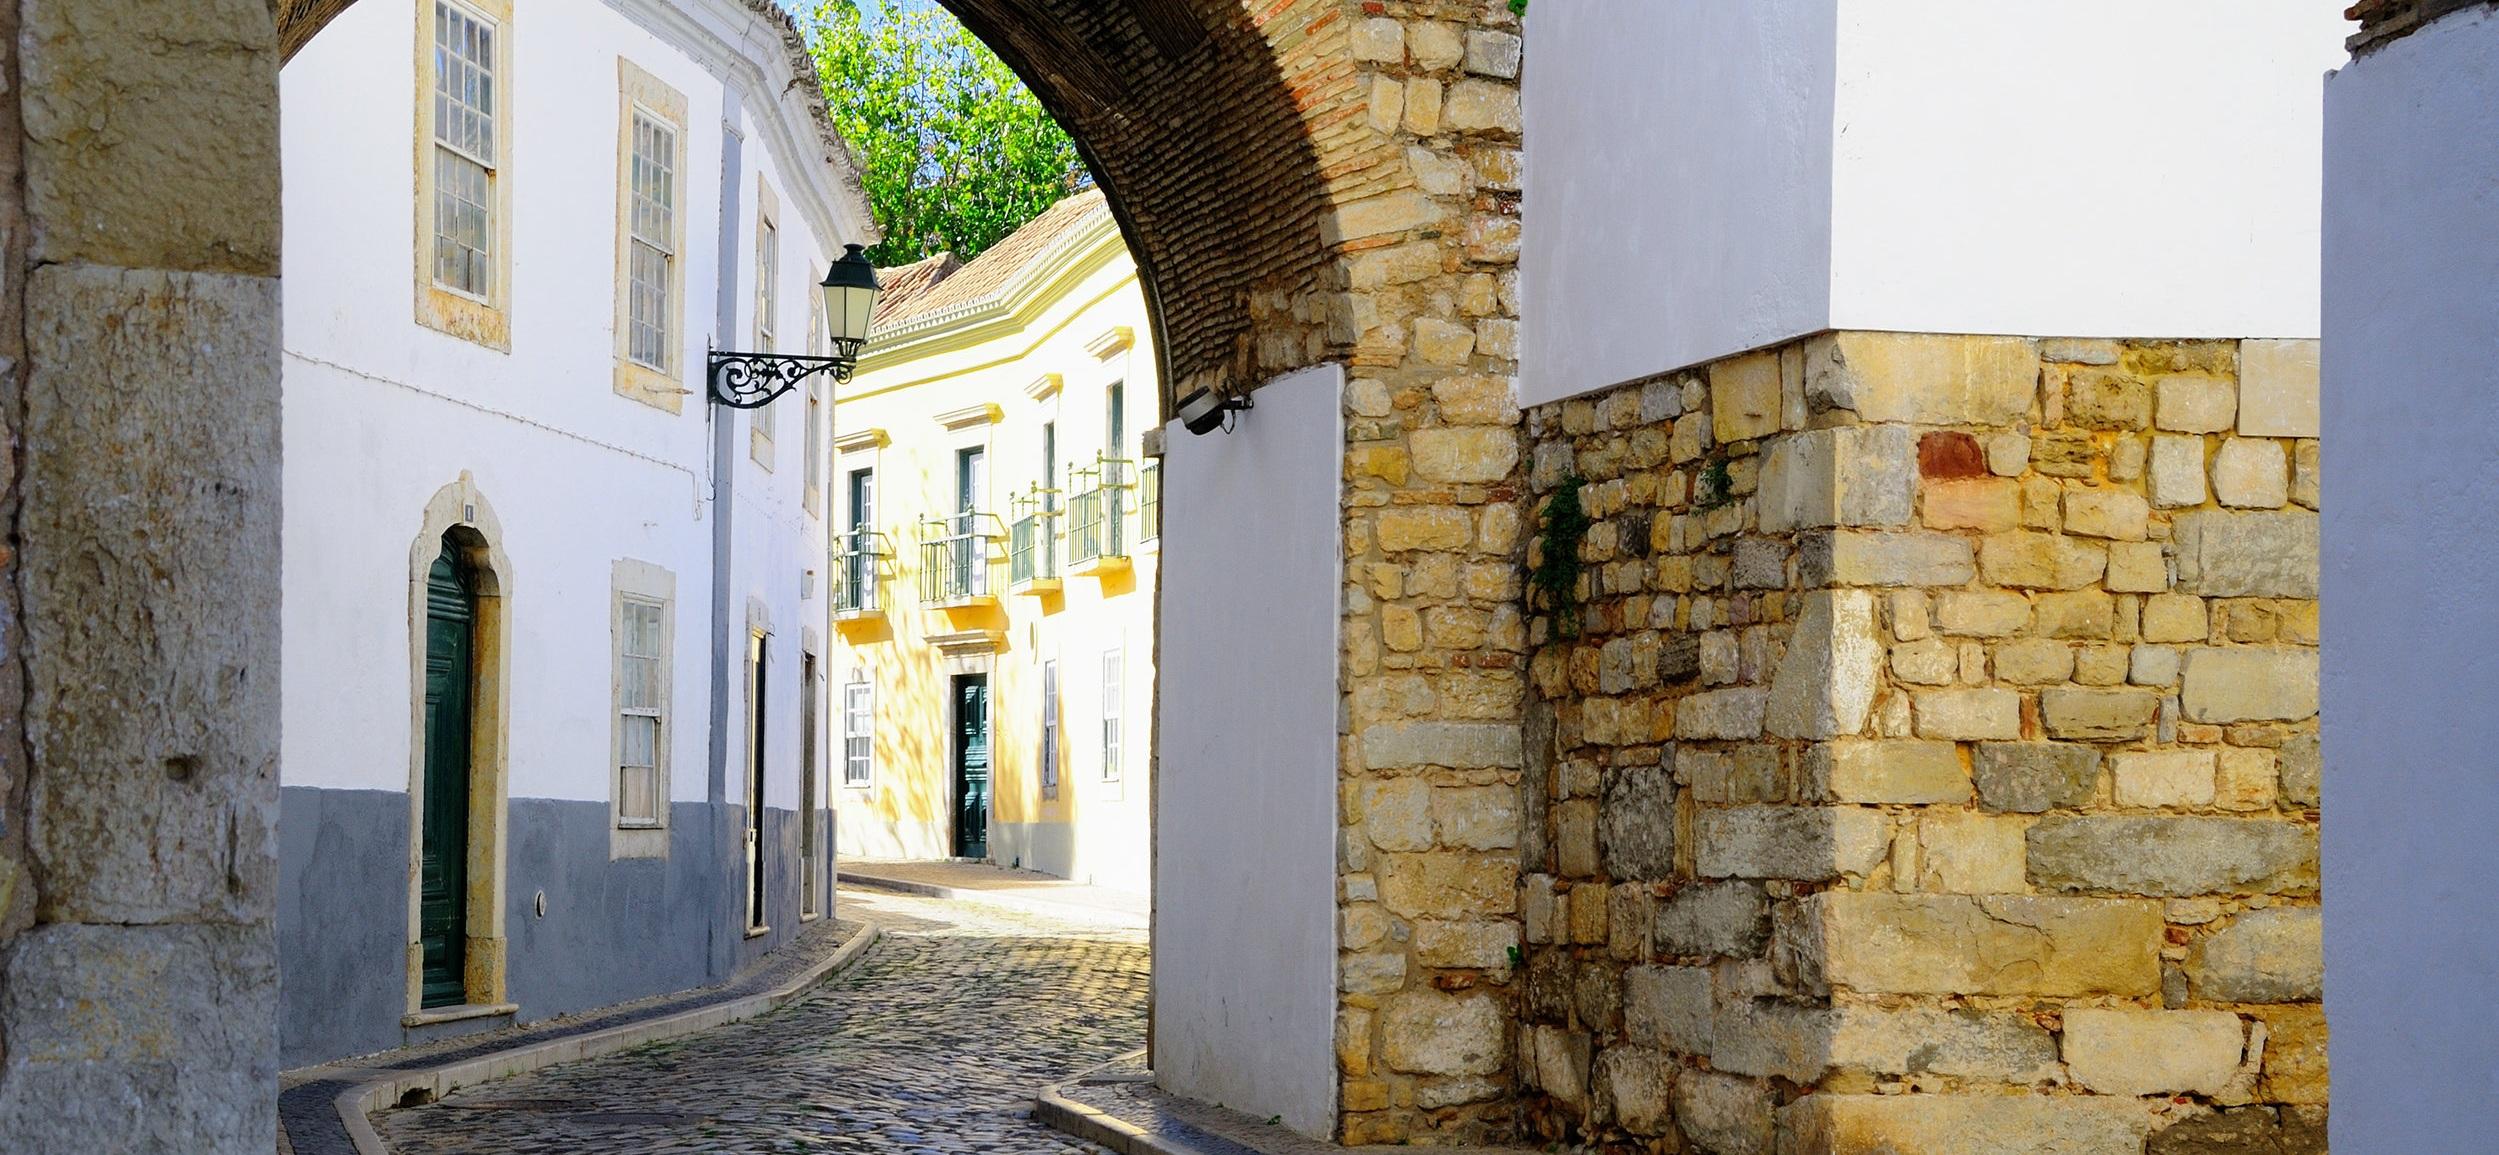 """DSC_6326_20151126-043_Vila Adentro """"Cidade Velha de Faro"""",  Faro_Credit RR-TdP.jpg"""